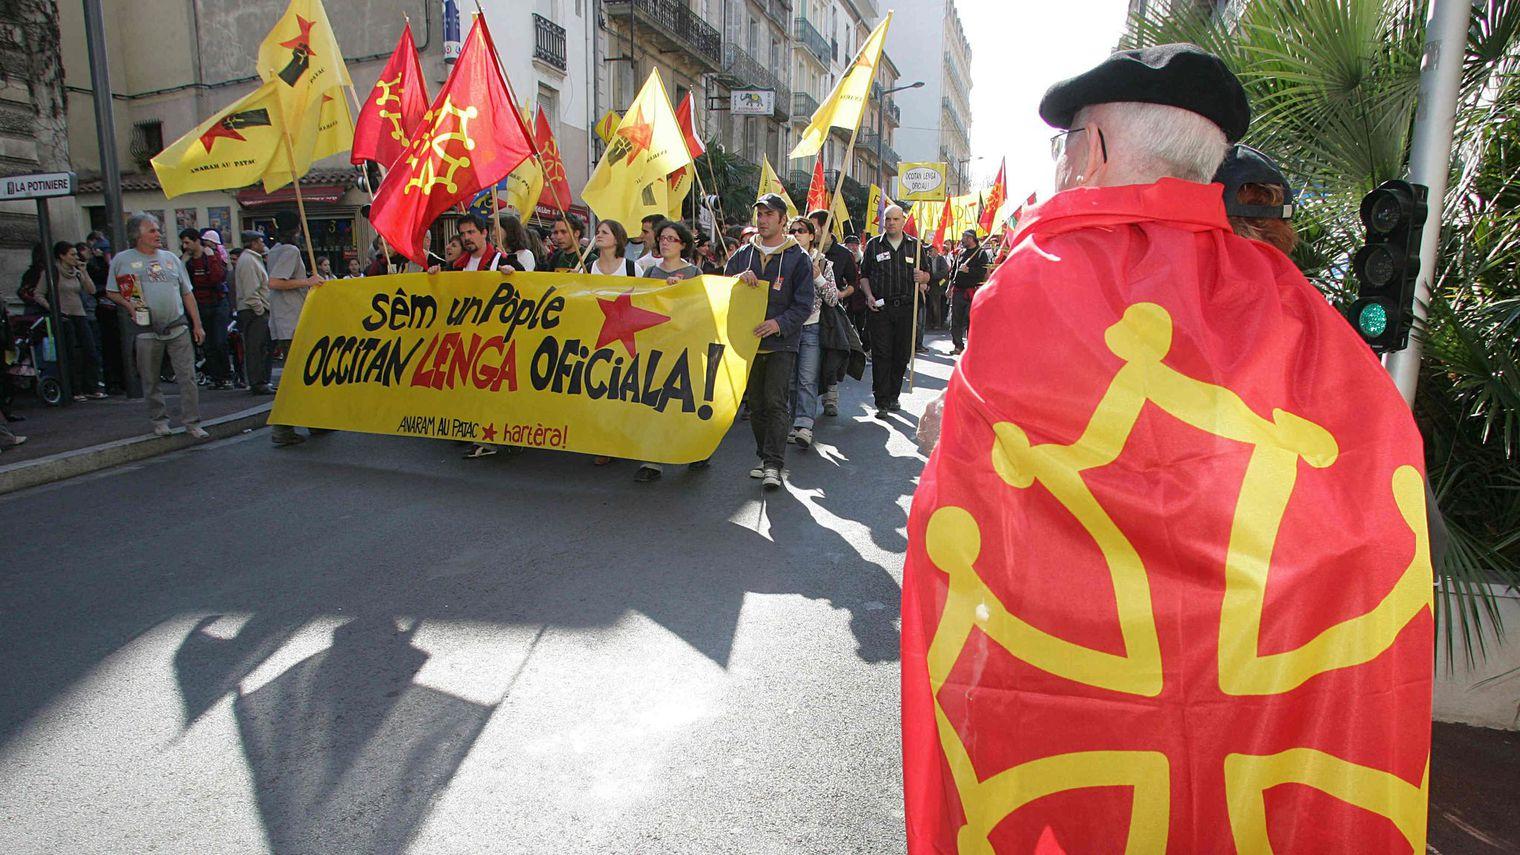 drapeau-frappe-de-la-croix-occitane-lors-d-une-manifestation-pour-la-defense-de-la-langue-d-oc-a-beziers-le-17-mars-2007_5181407